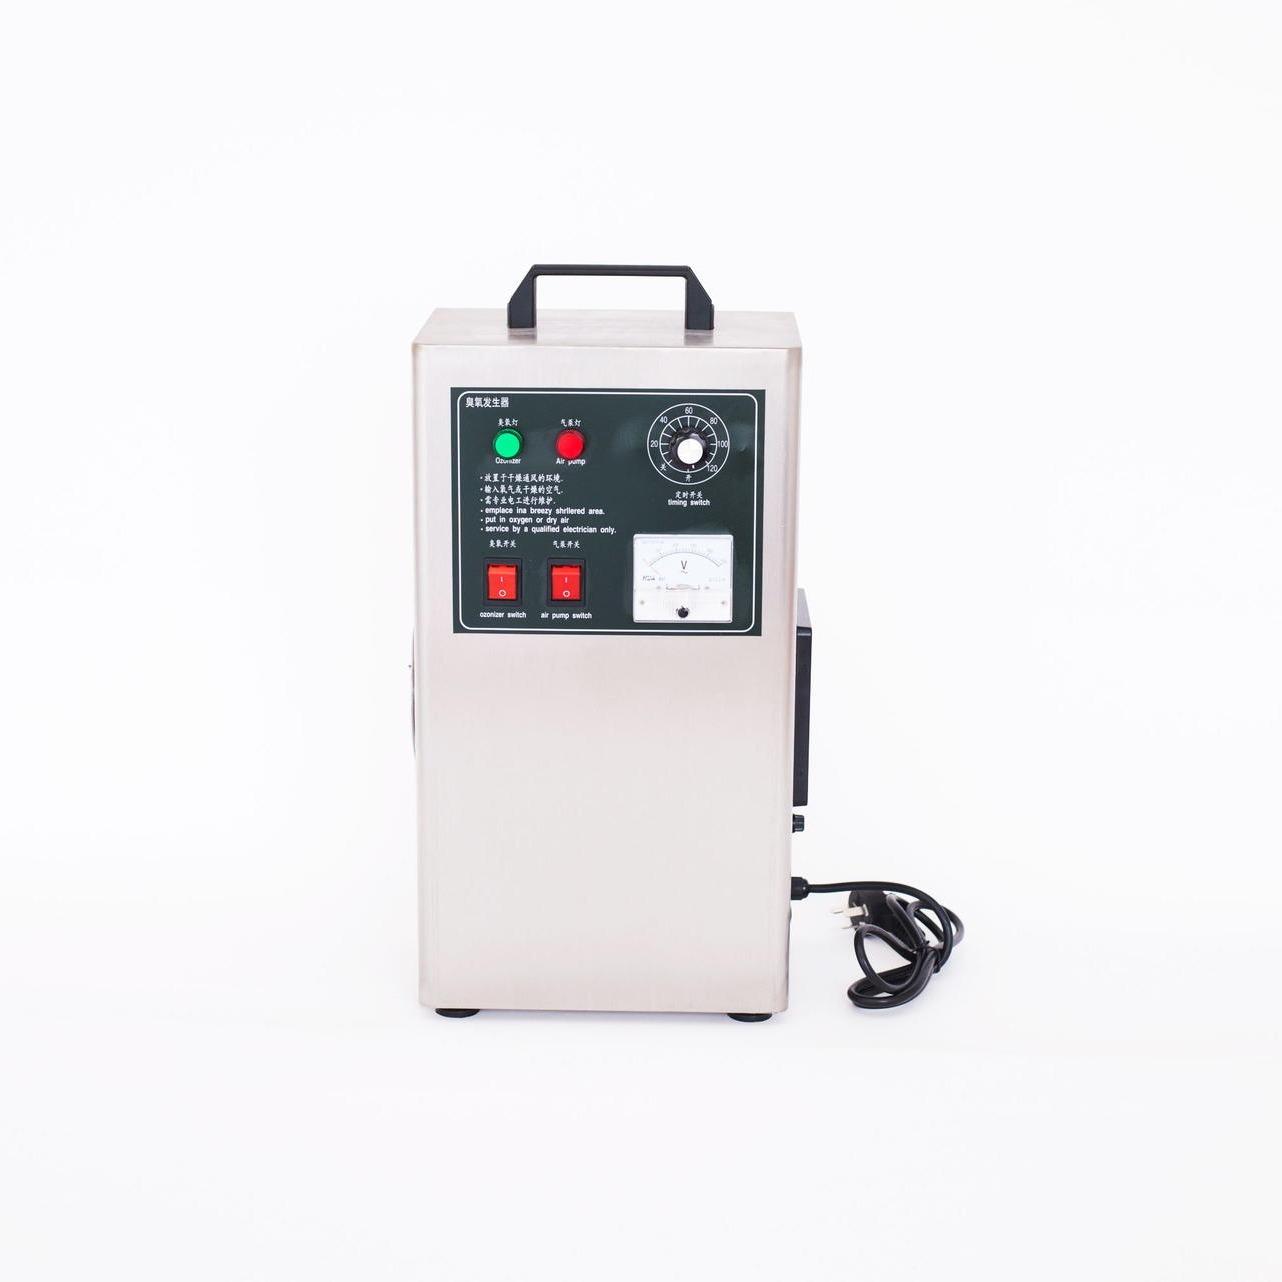 便攜式臭氧發生器 白山臭氧消毒機 小型臭氧機Grt-002-2g格瑞特